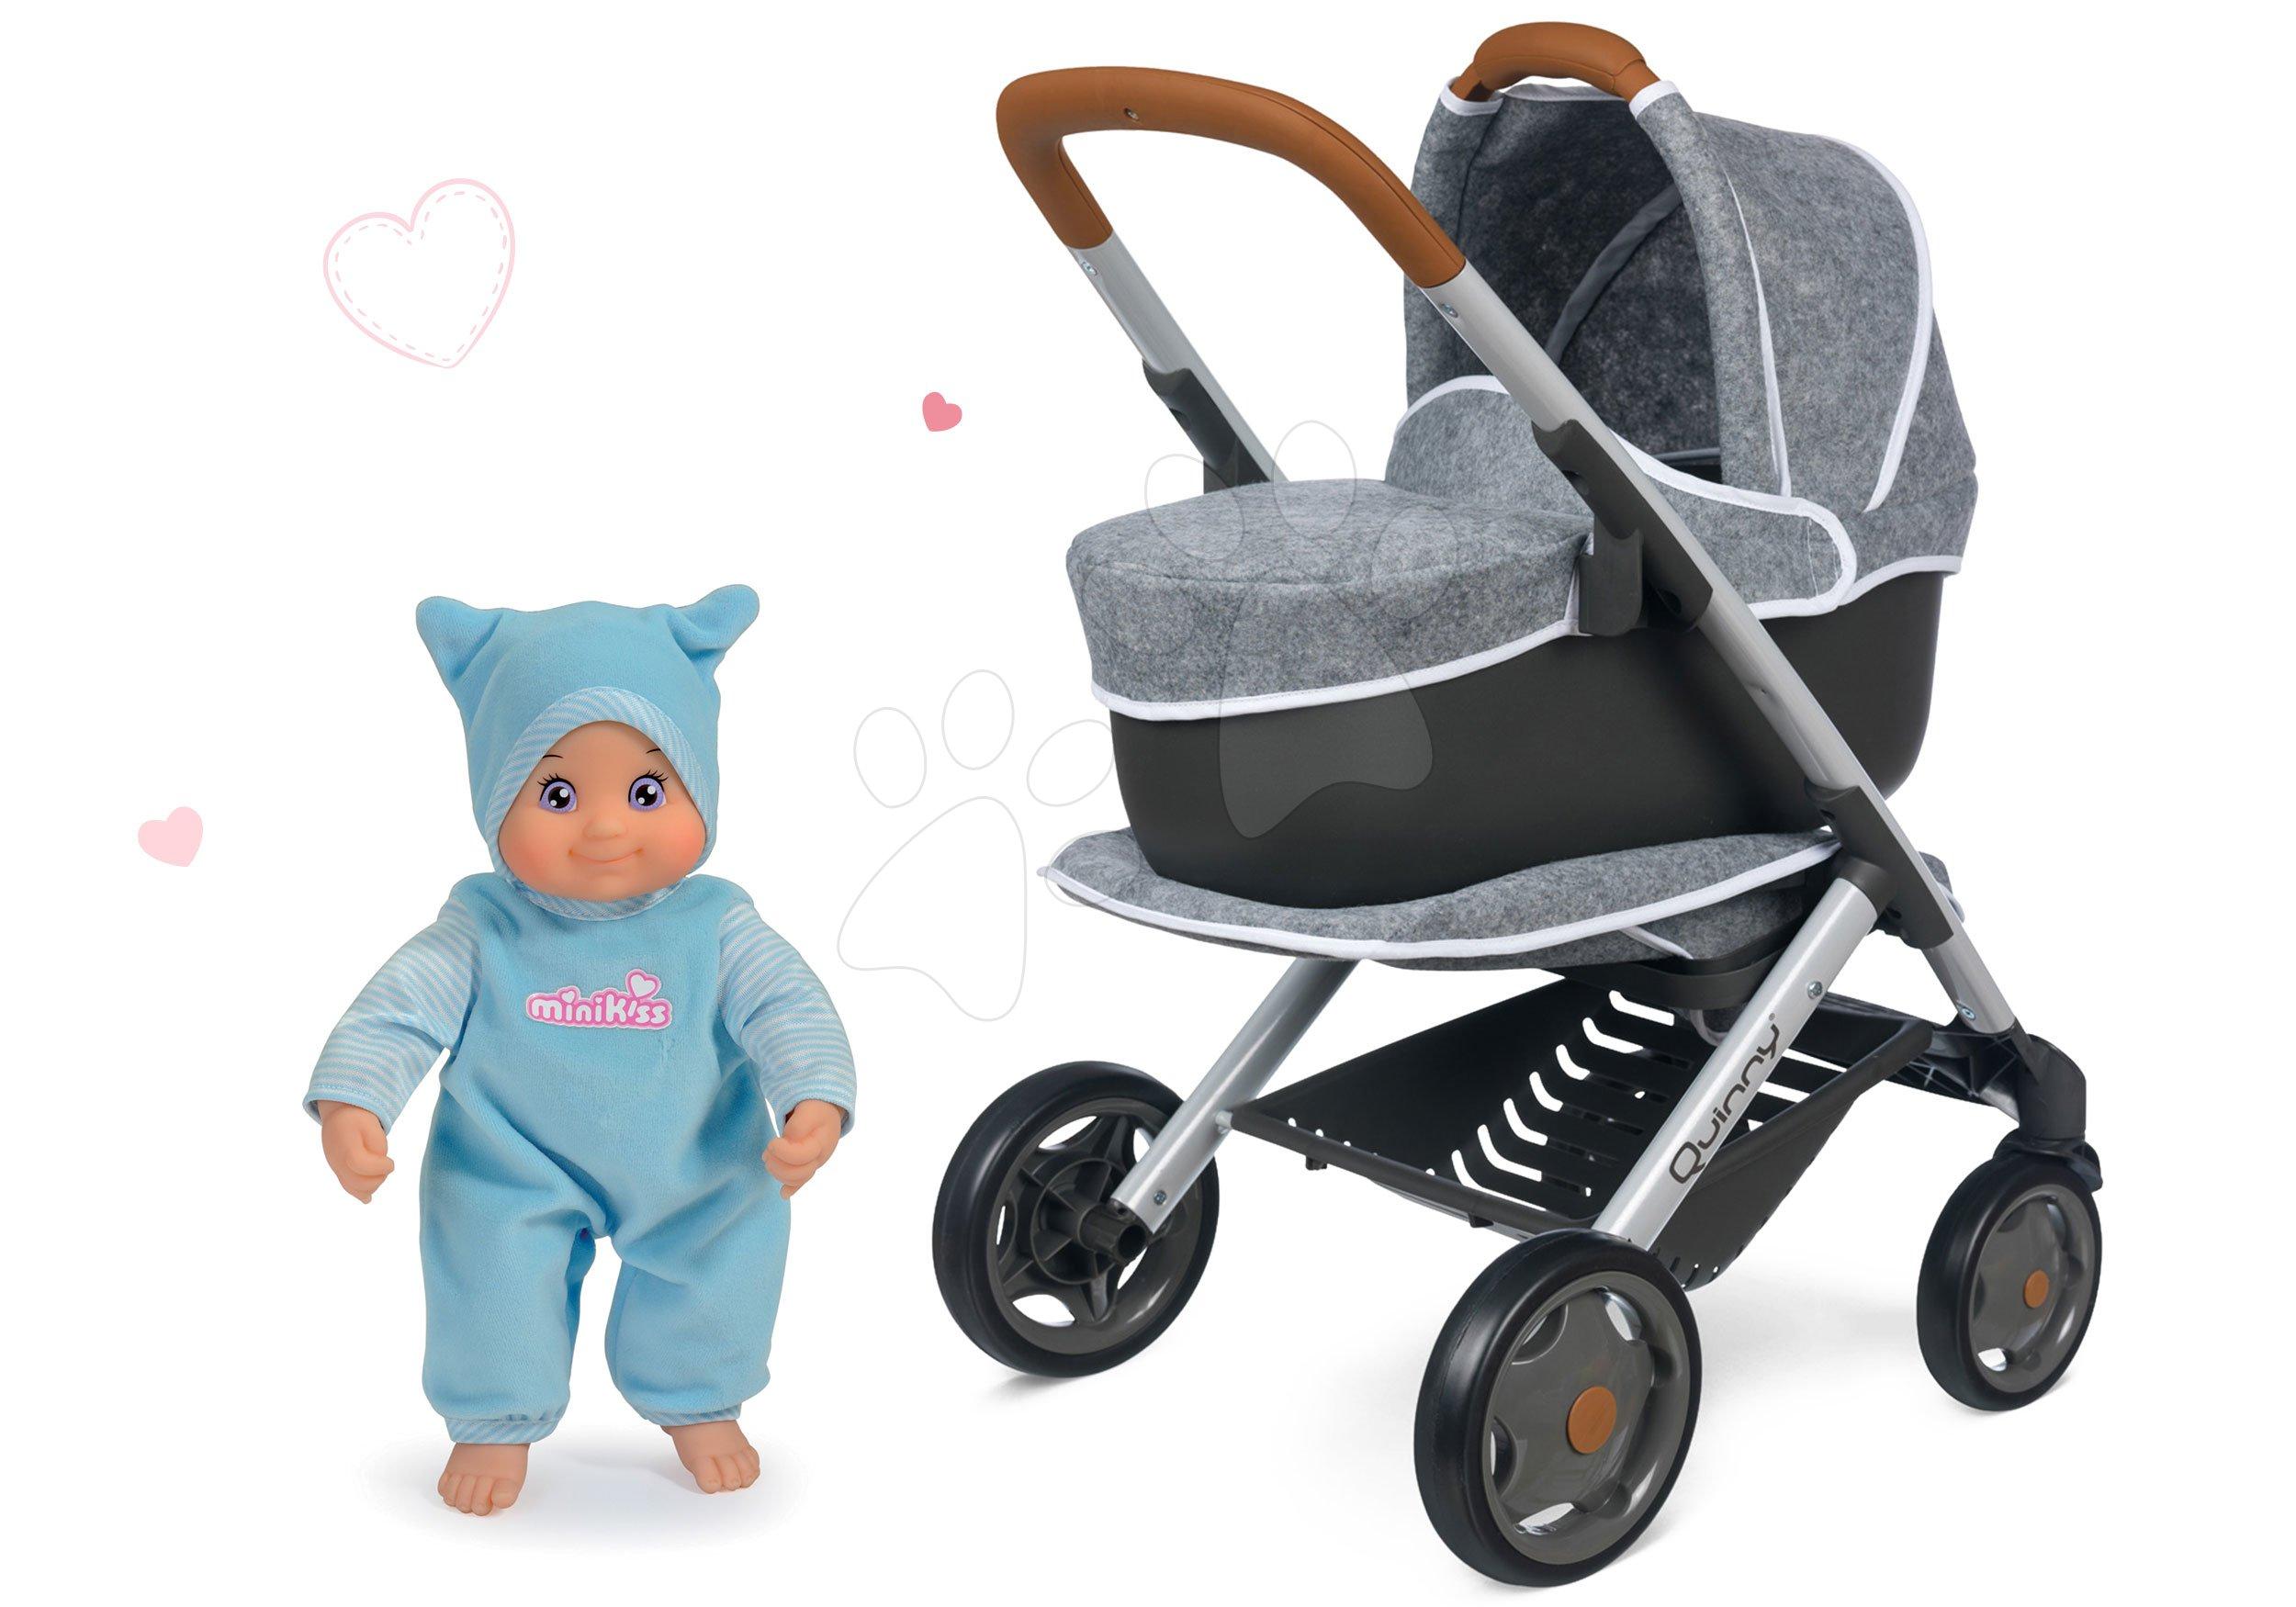 Set kočárek hluboký a sportovní DeLuxe Pastel Maxi Cosi&Quinny Grey 3v1 Smoby a modrá panenka MiniKiss se zvukem